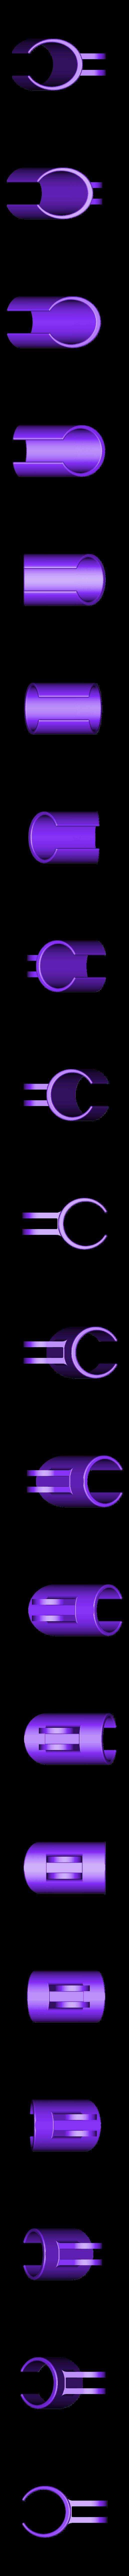 mic-holder.stl Télécharger fichier STL gratuit Porte-microphone • Plan à imprimer en 3D, bofl